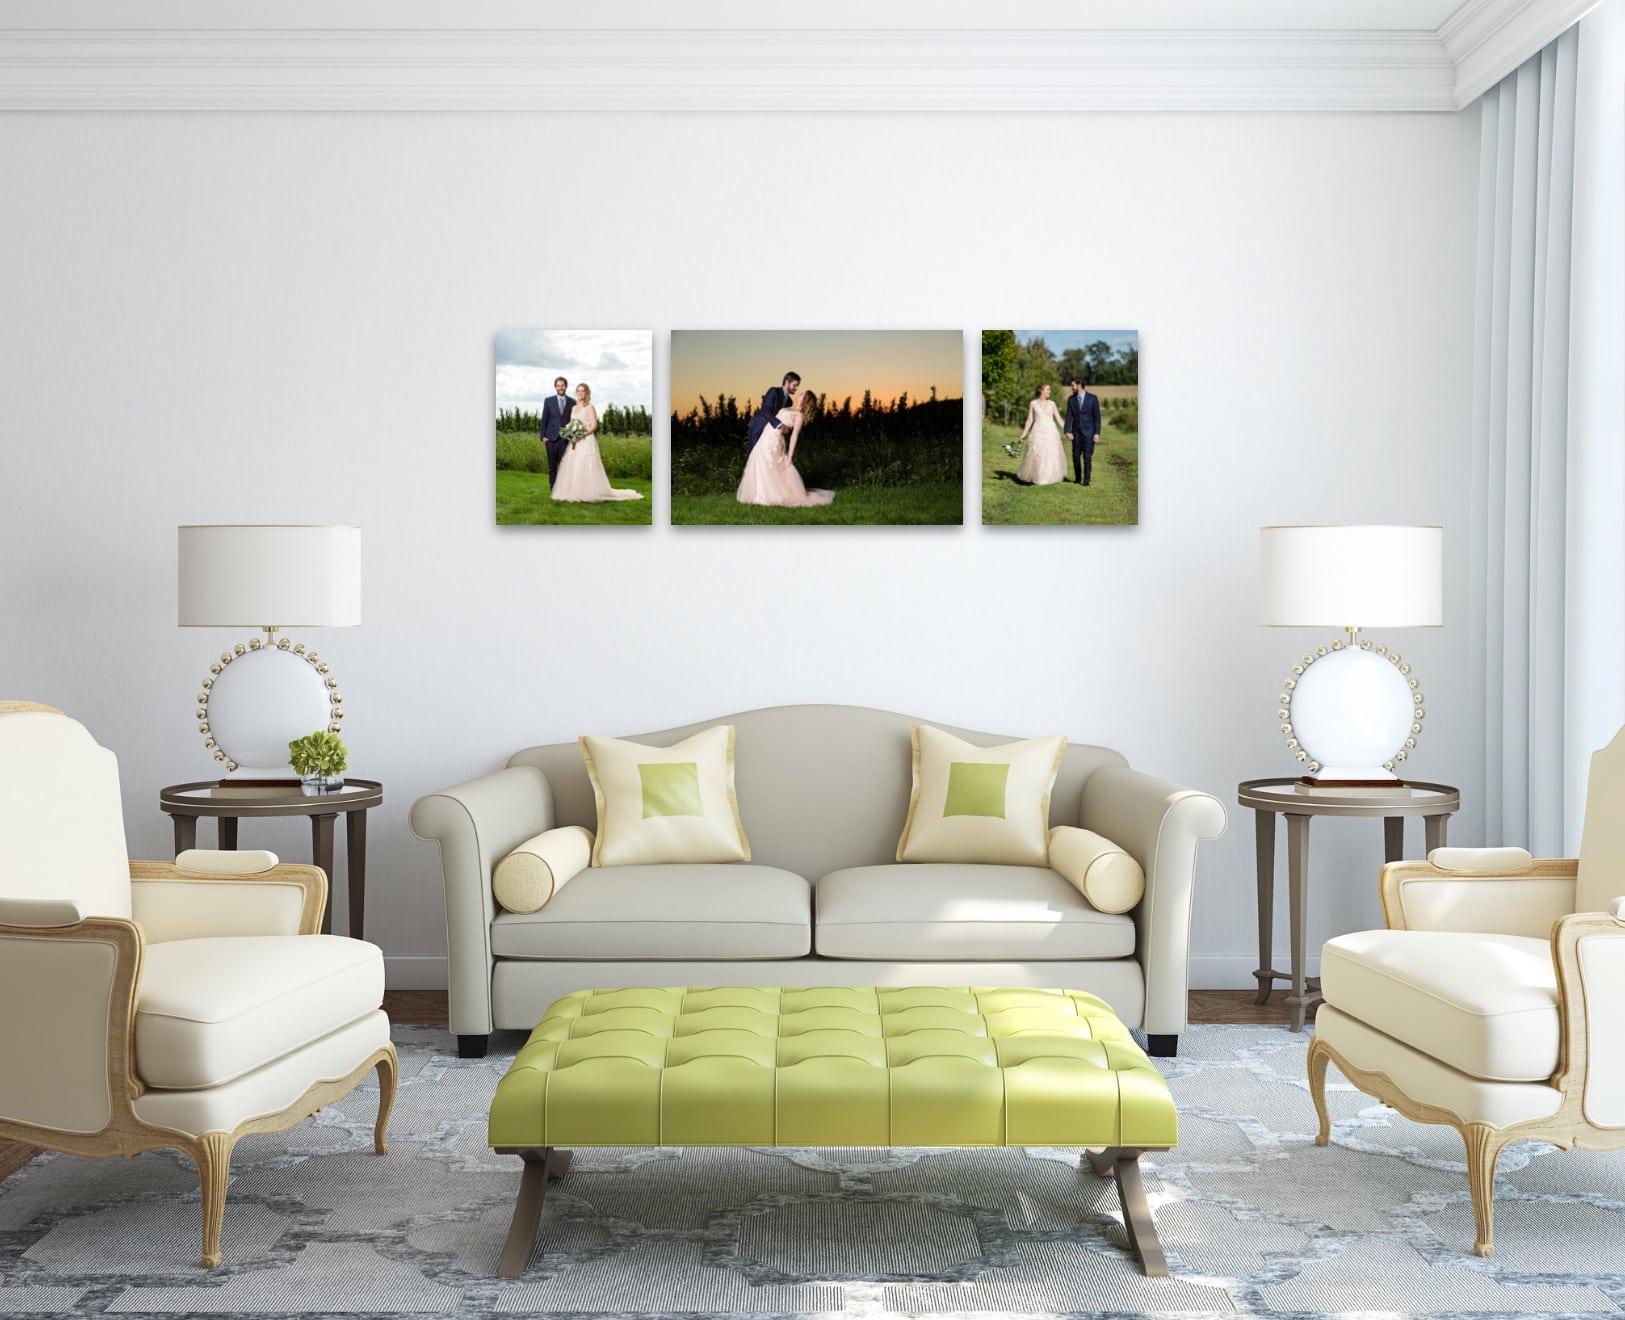 Wedding Wall Display